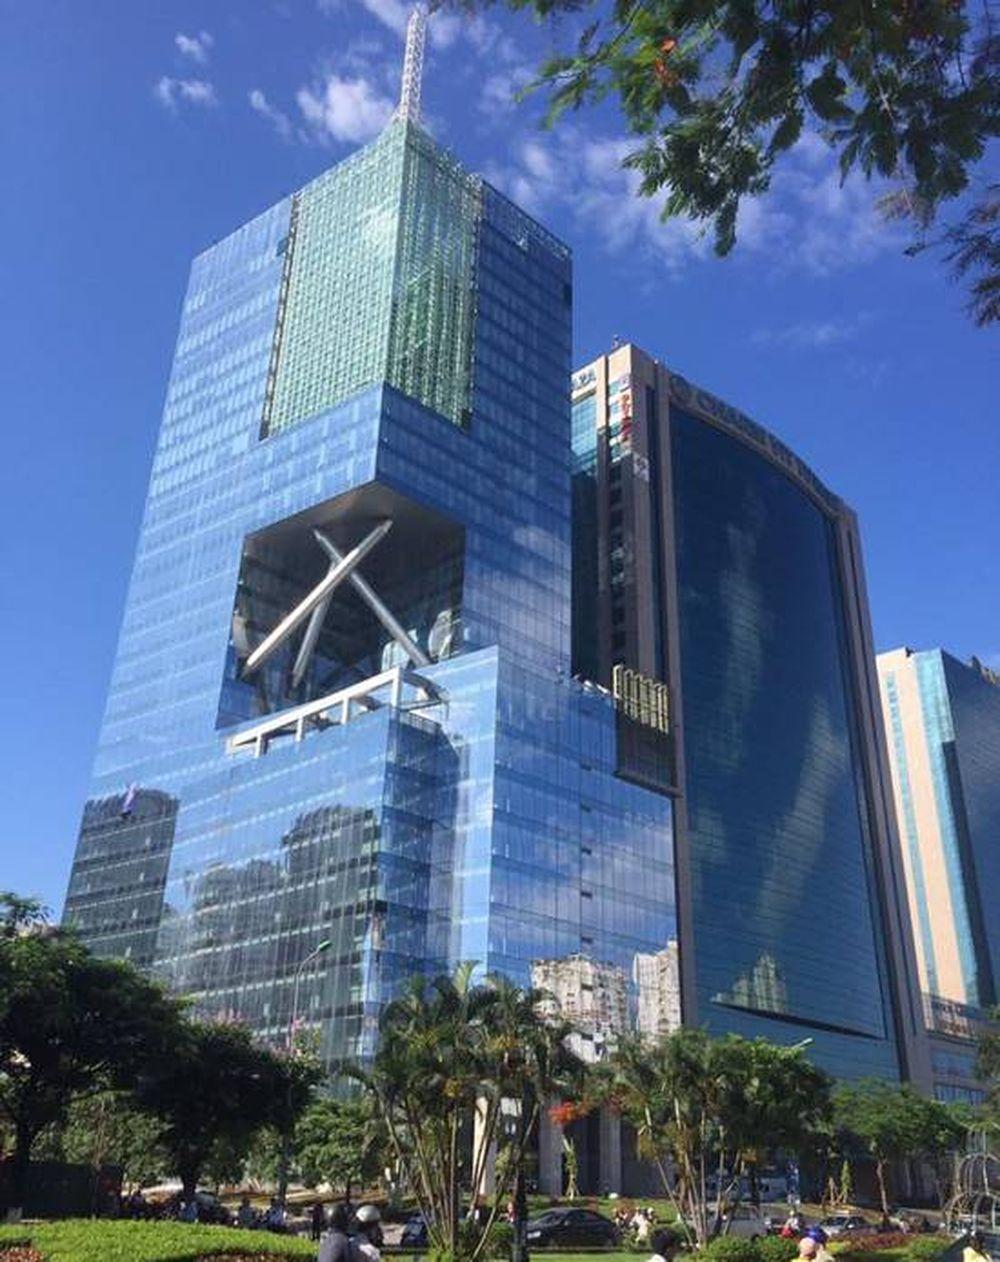 Theo Kế hoạch mới được phê duyệt, khung thời gian thuê dịch vụ CNTT tập  trung đối với hạ tầng CNTT tại tòa nhà Cục Tần số vô tuyến điện - 115 Trần  Duy Hưng ...